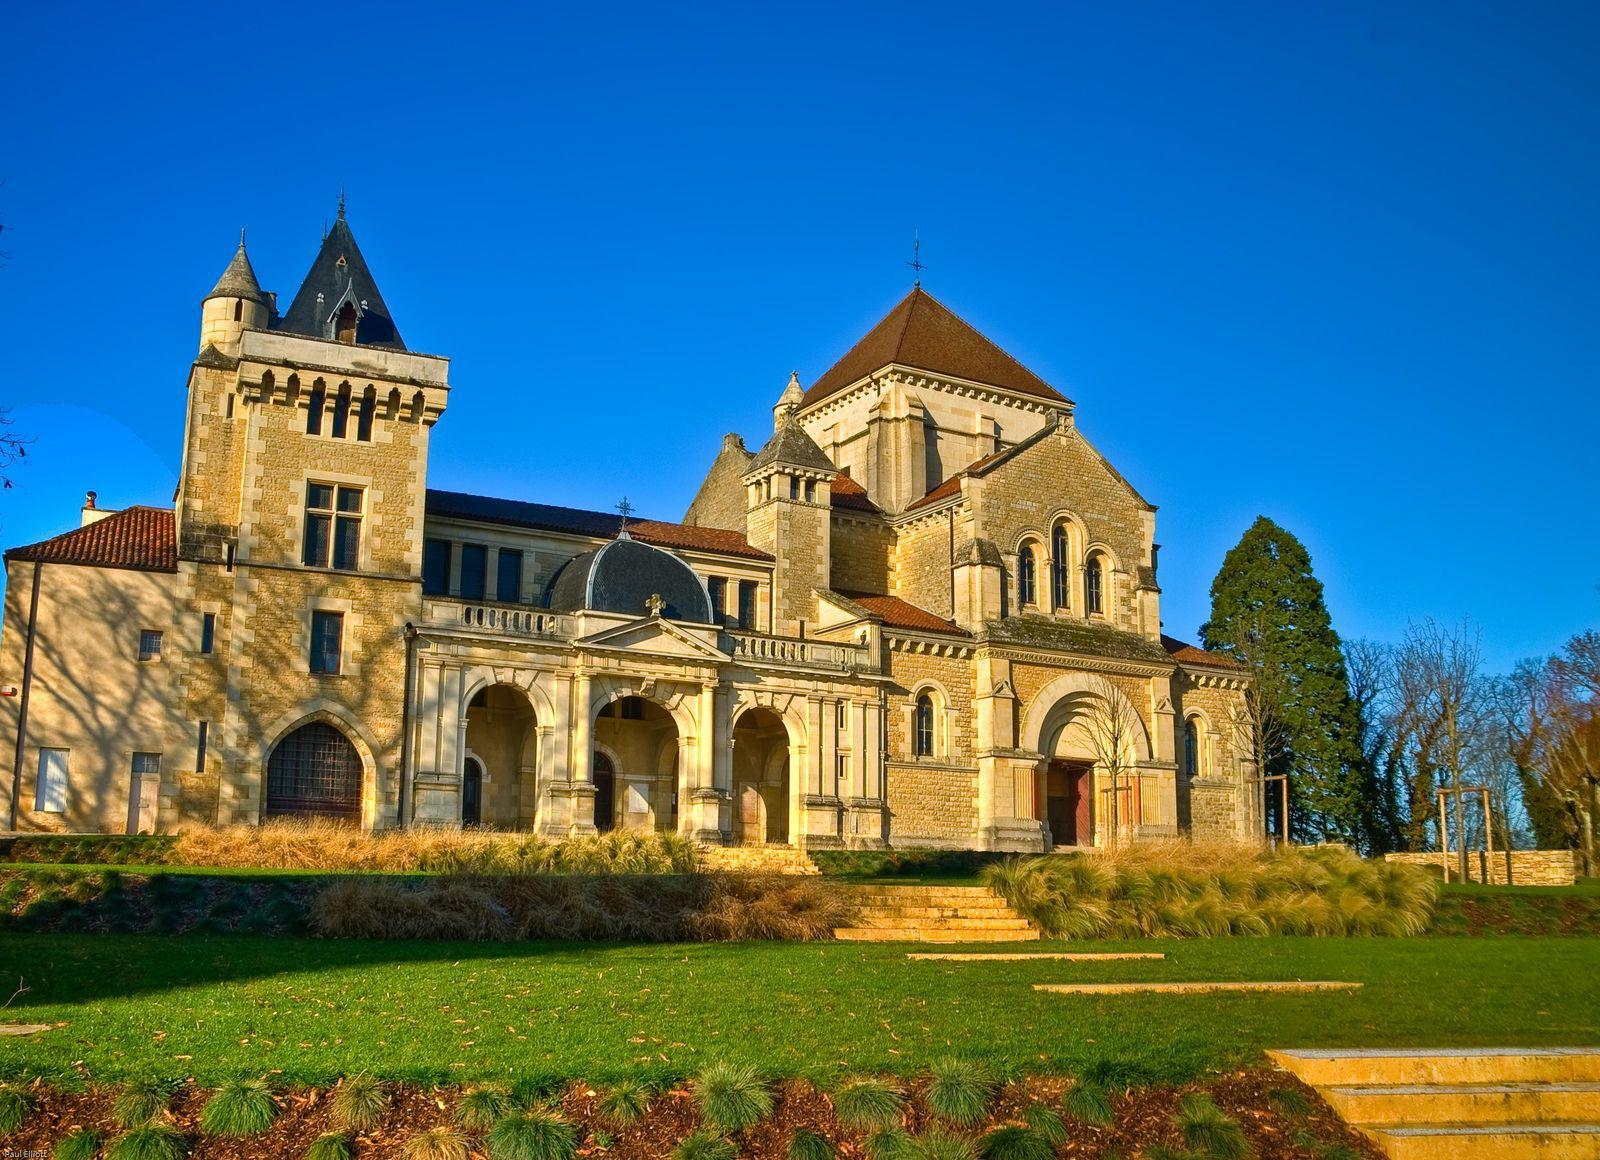 Maison natale de saint Bernard_Fontaine-lès-Dijon